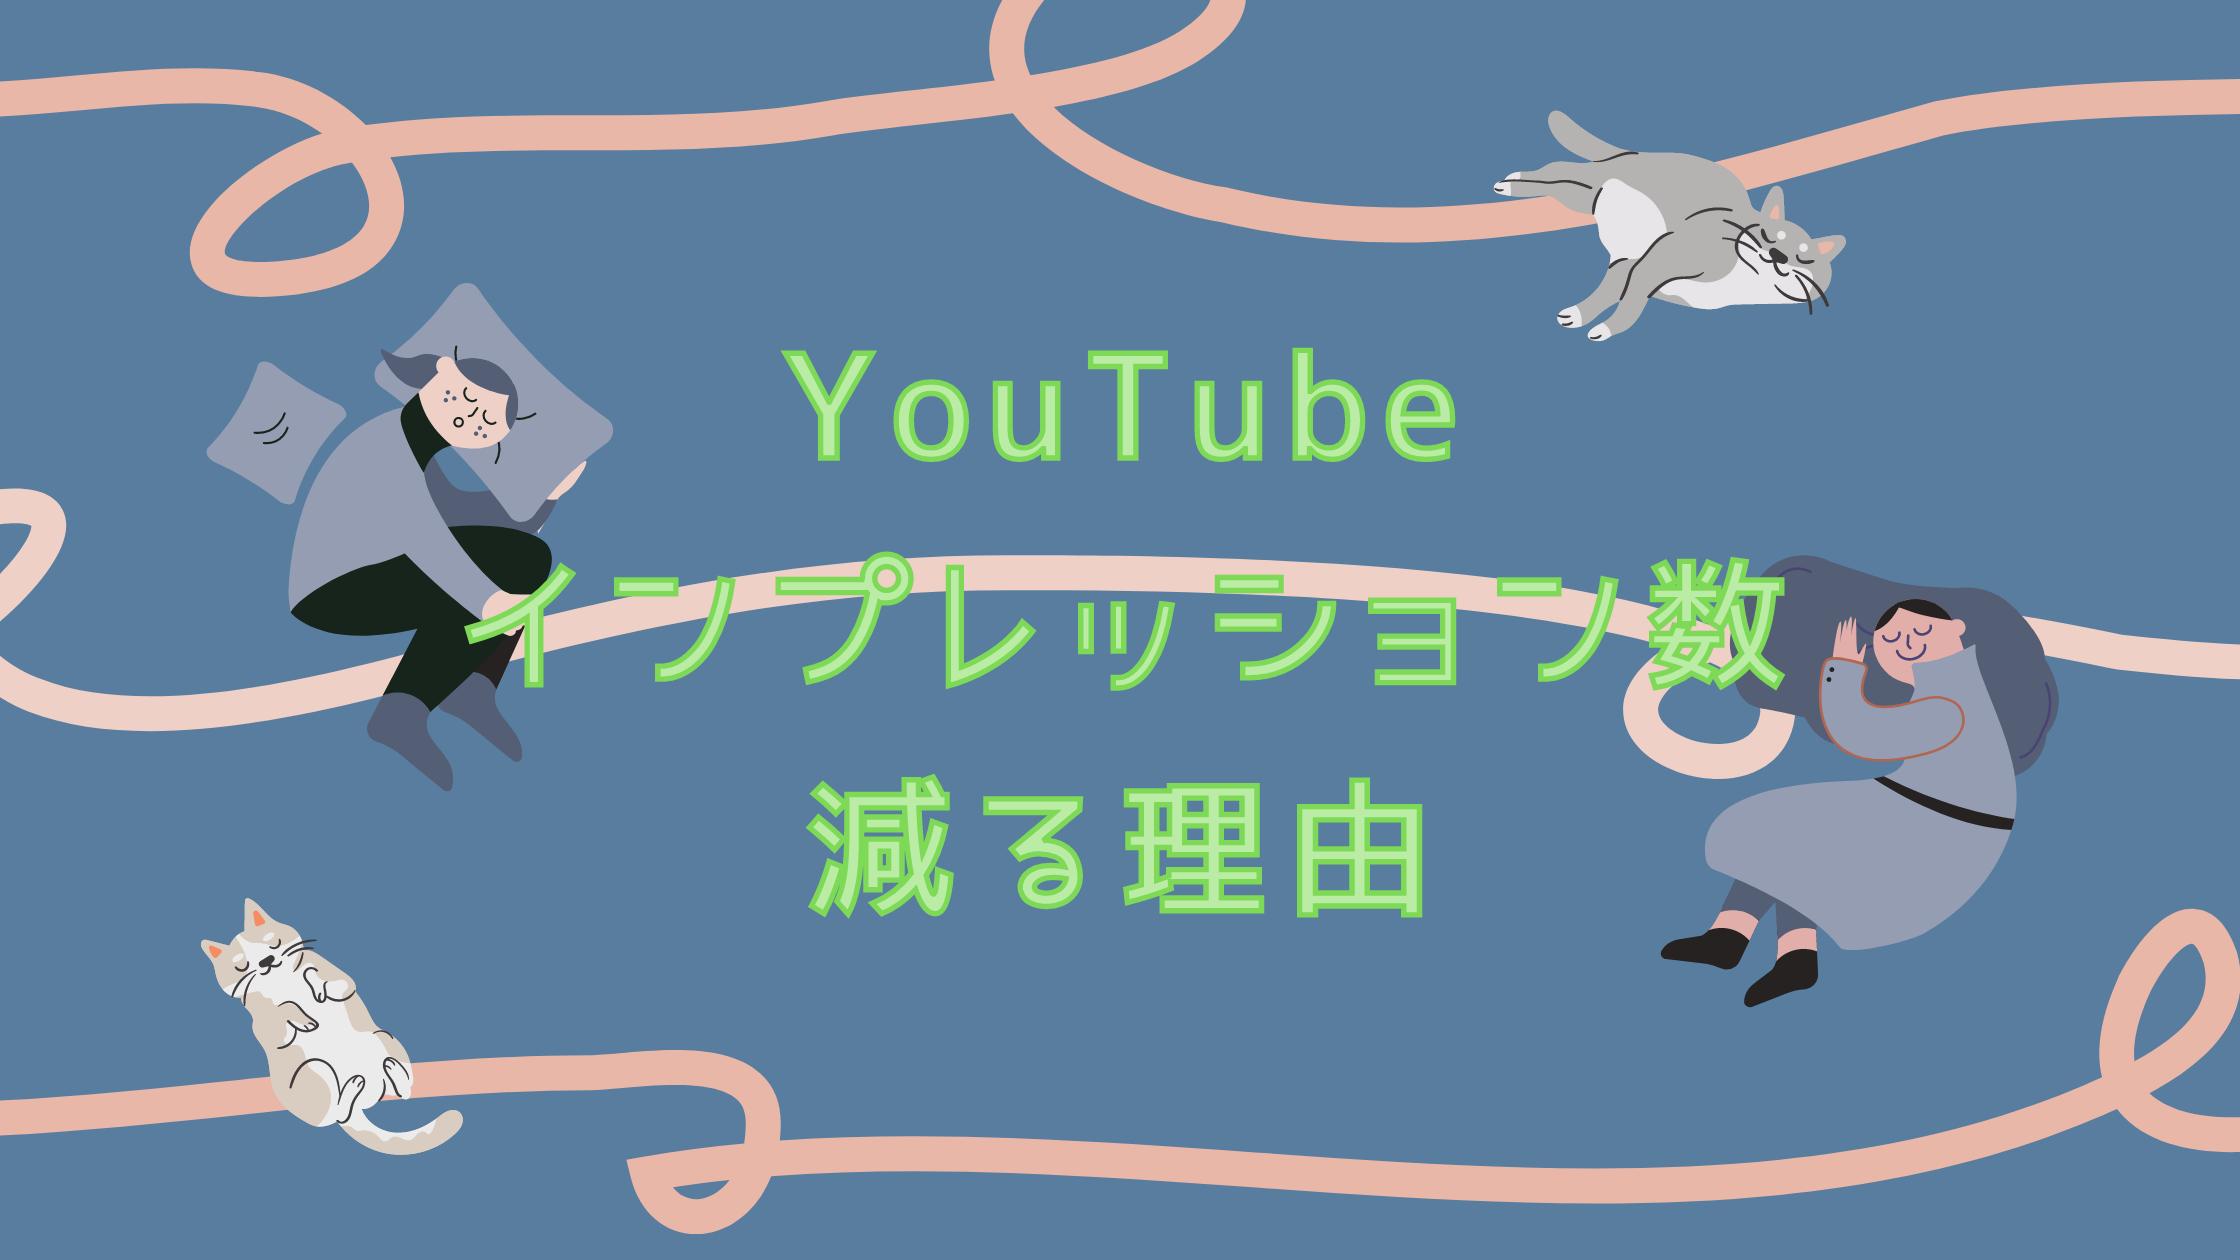 YouTube インプレッション数が減る理由